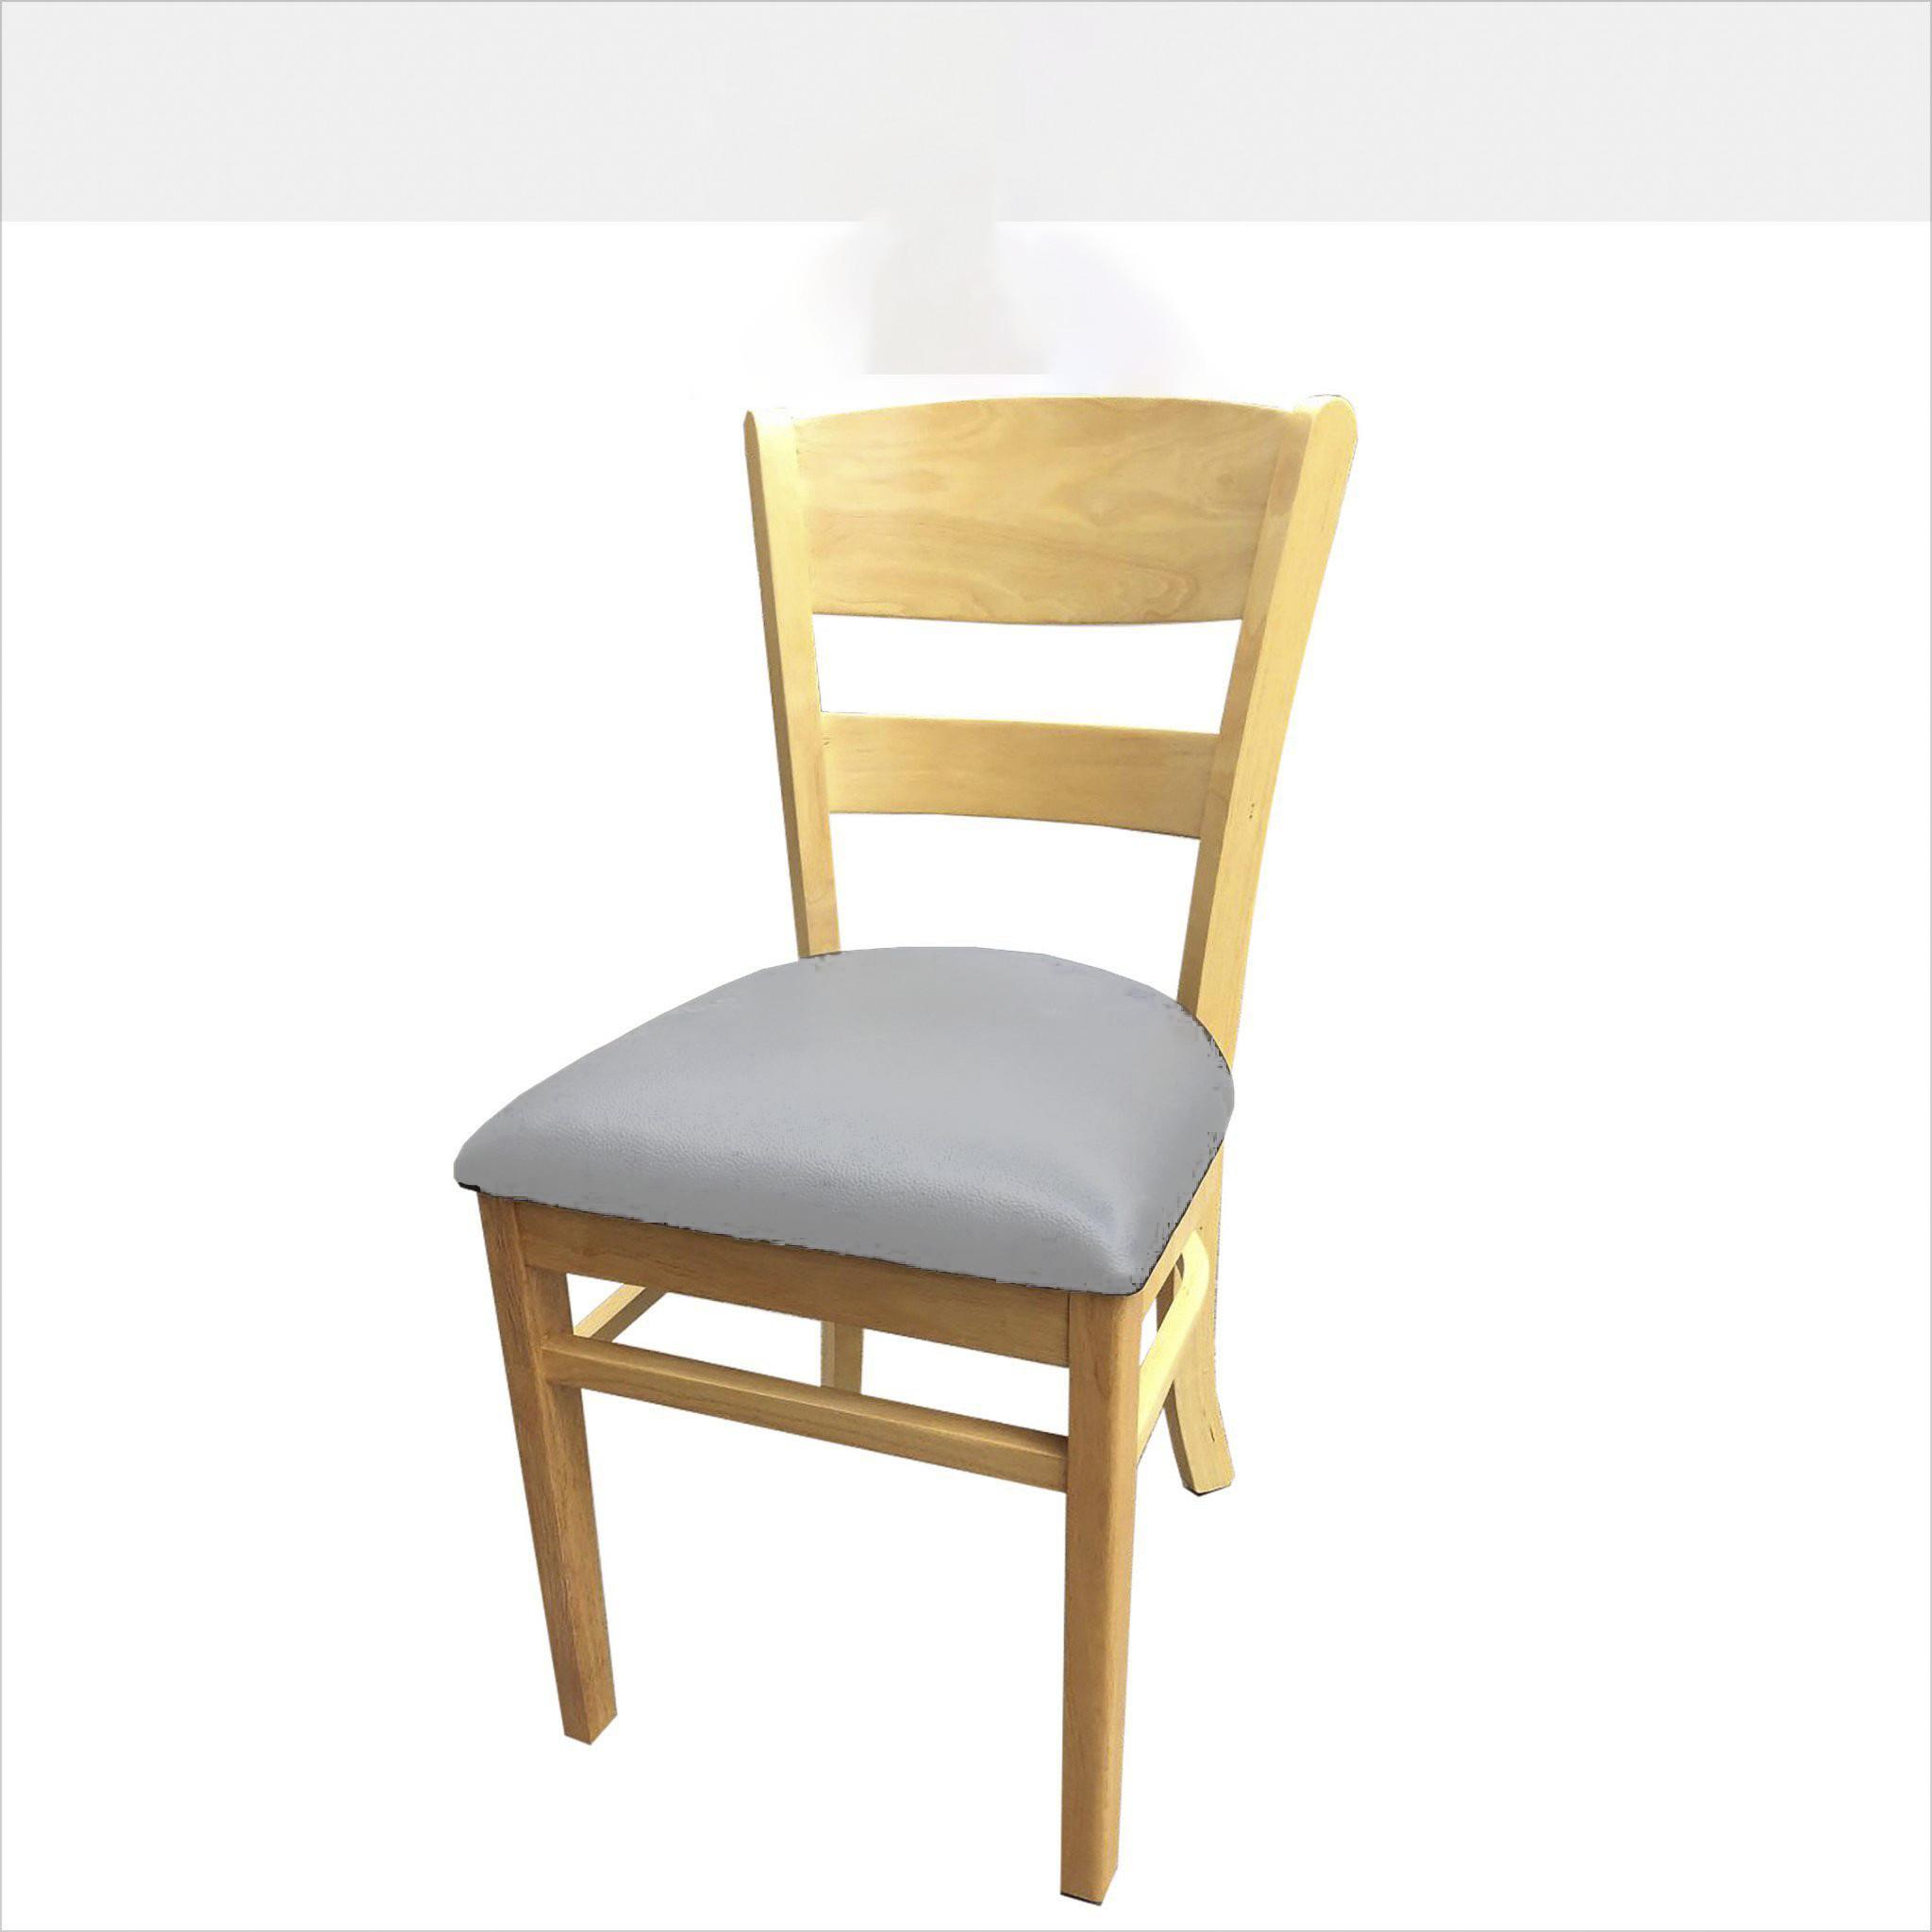 Ghế gỗ có đệm Eames V1